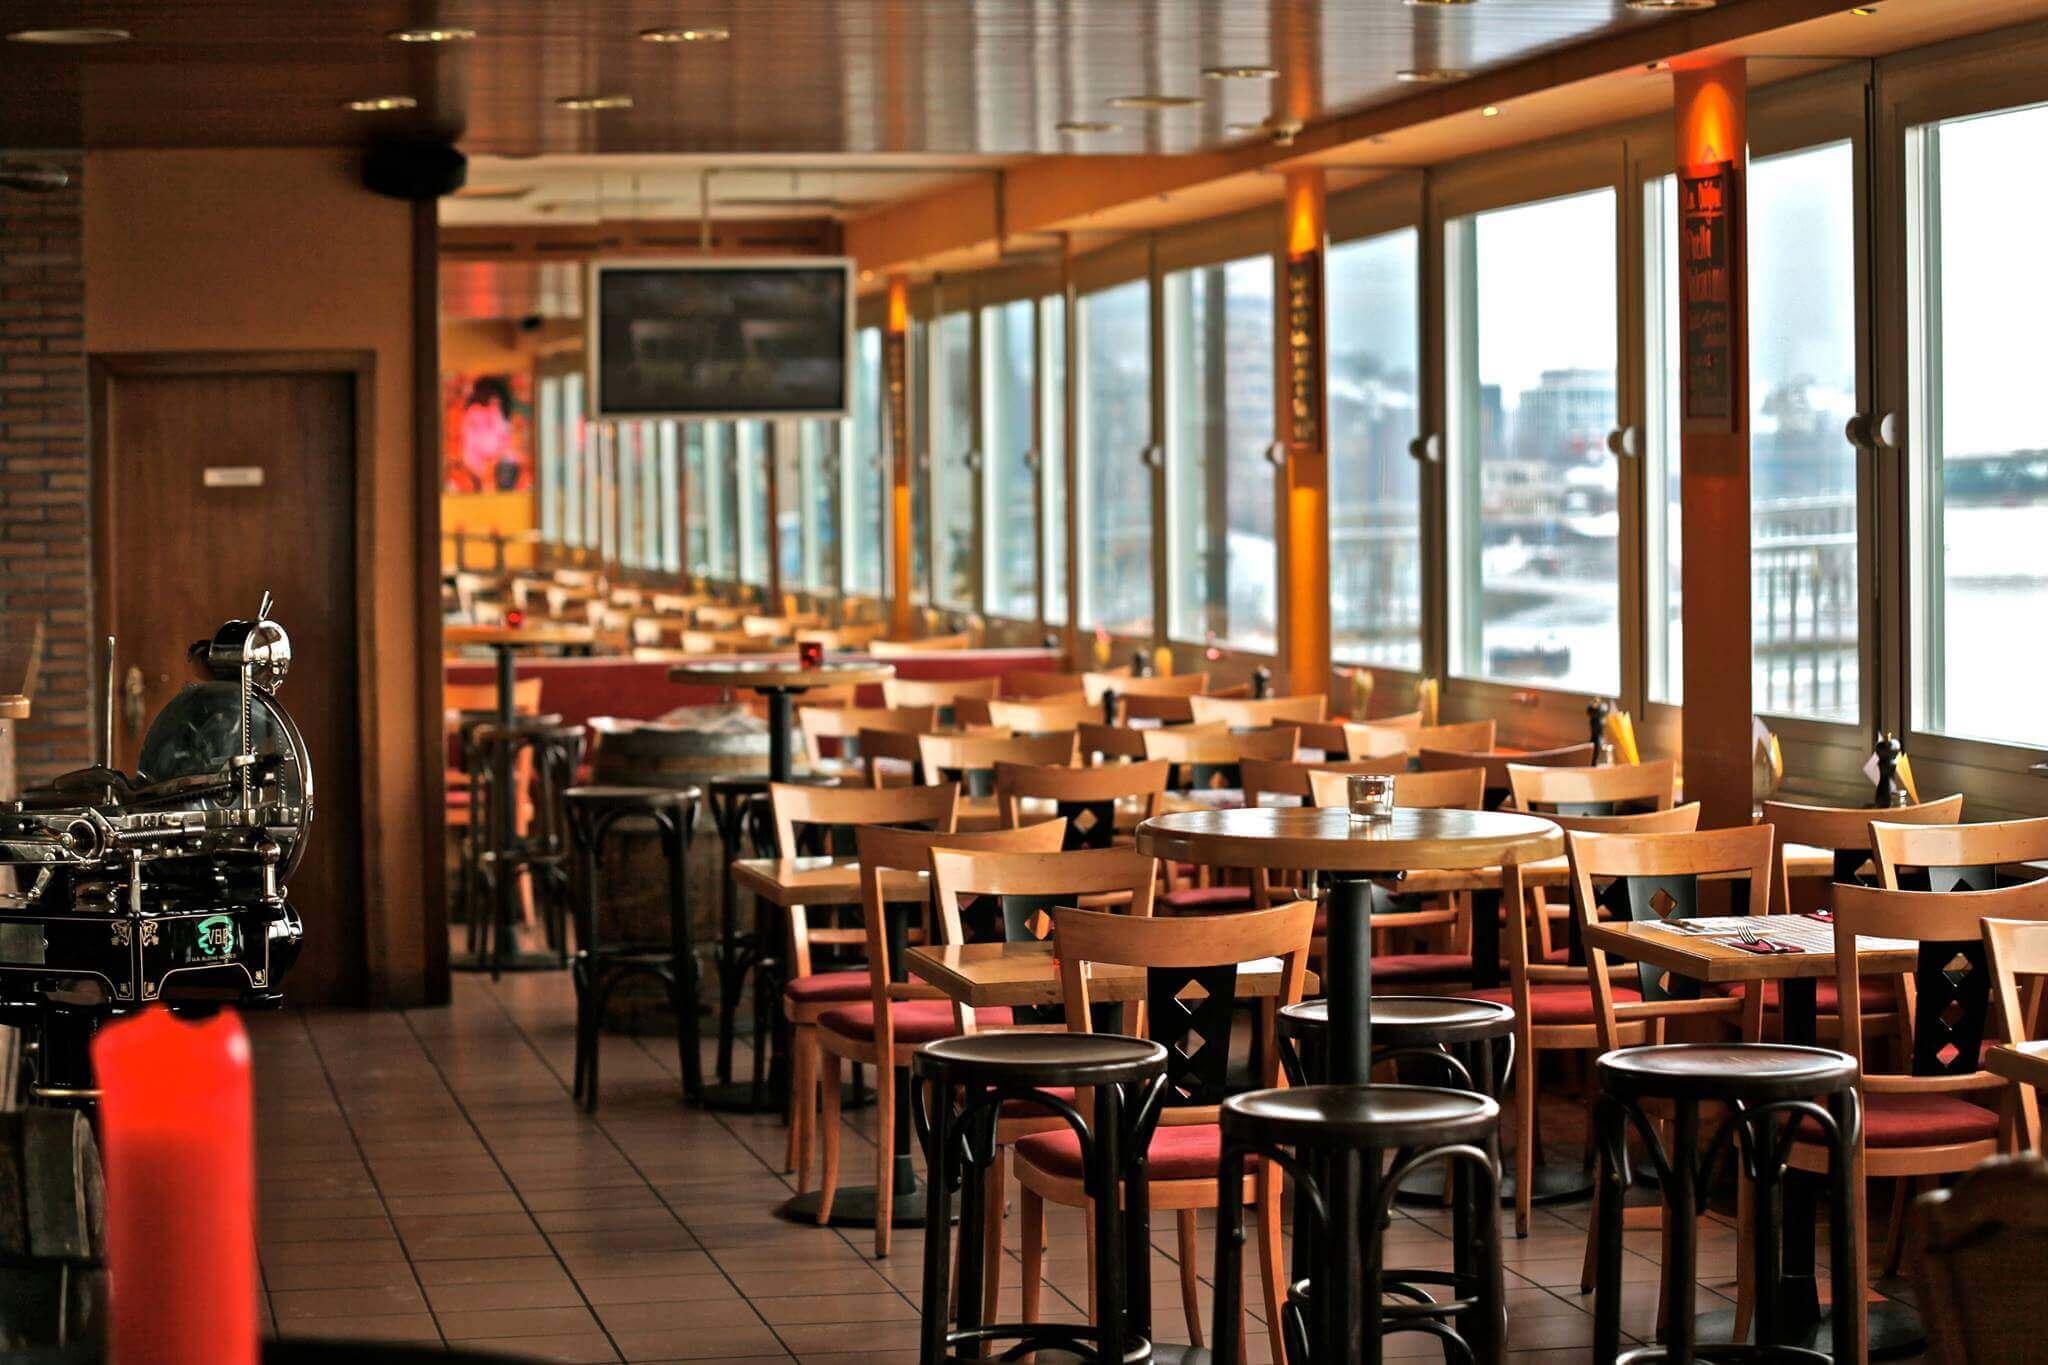 In unserer Bildgalerie haben wir Ihnen verschiedene Bilder unseres Tapas Restaurants zusammengestellt